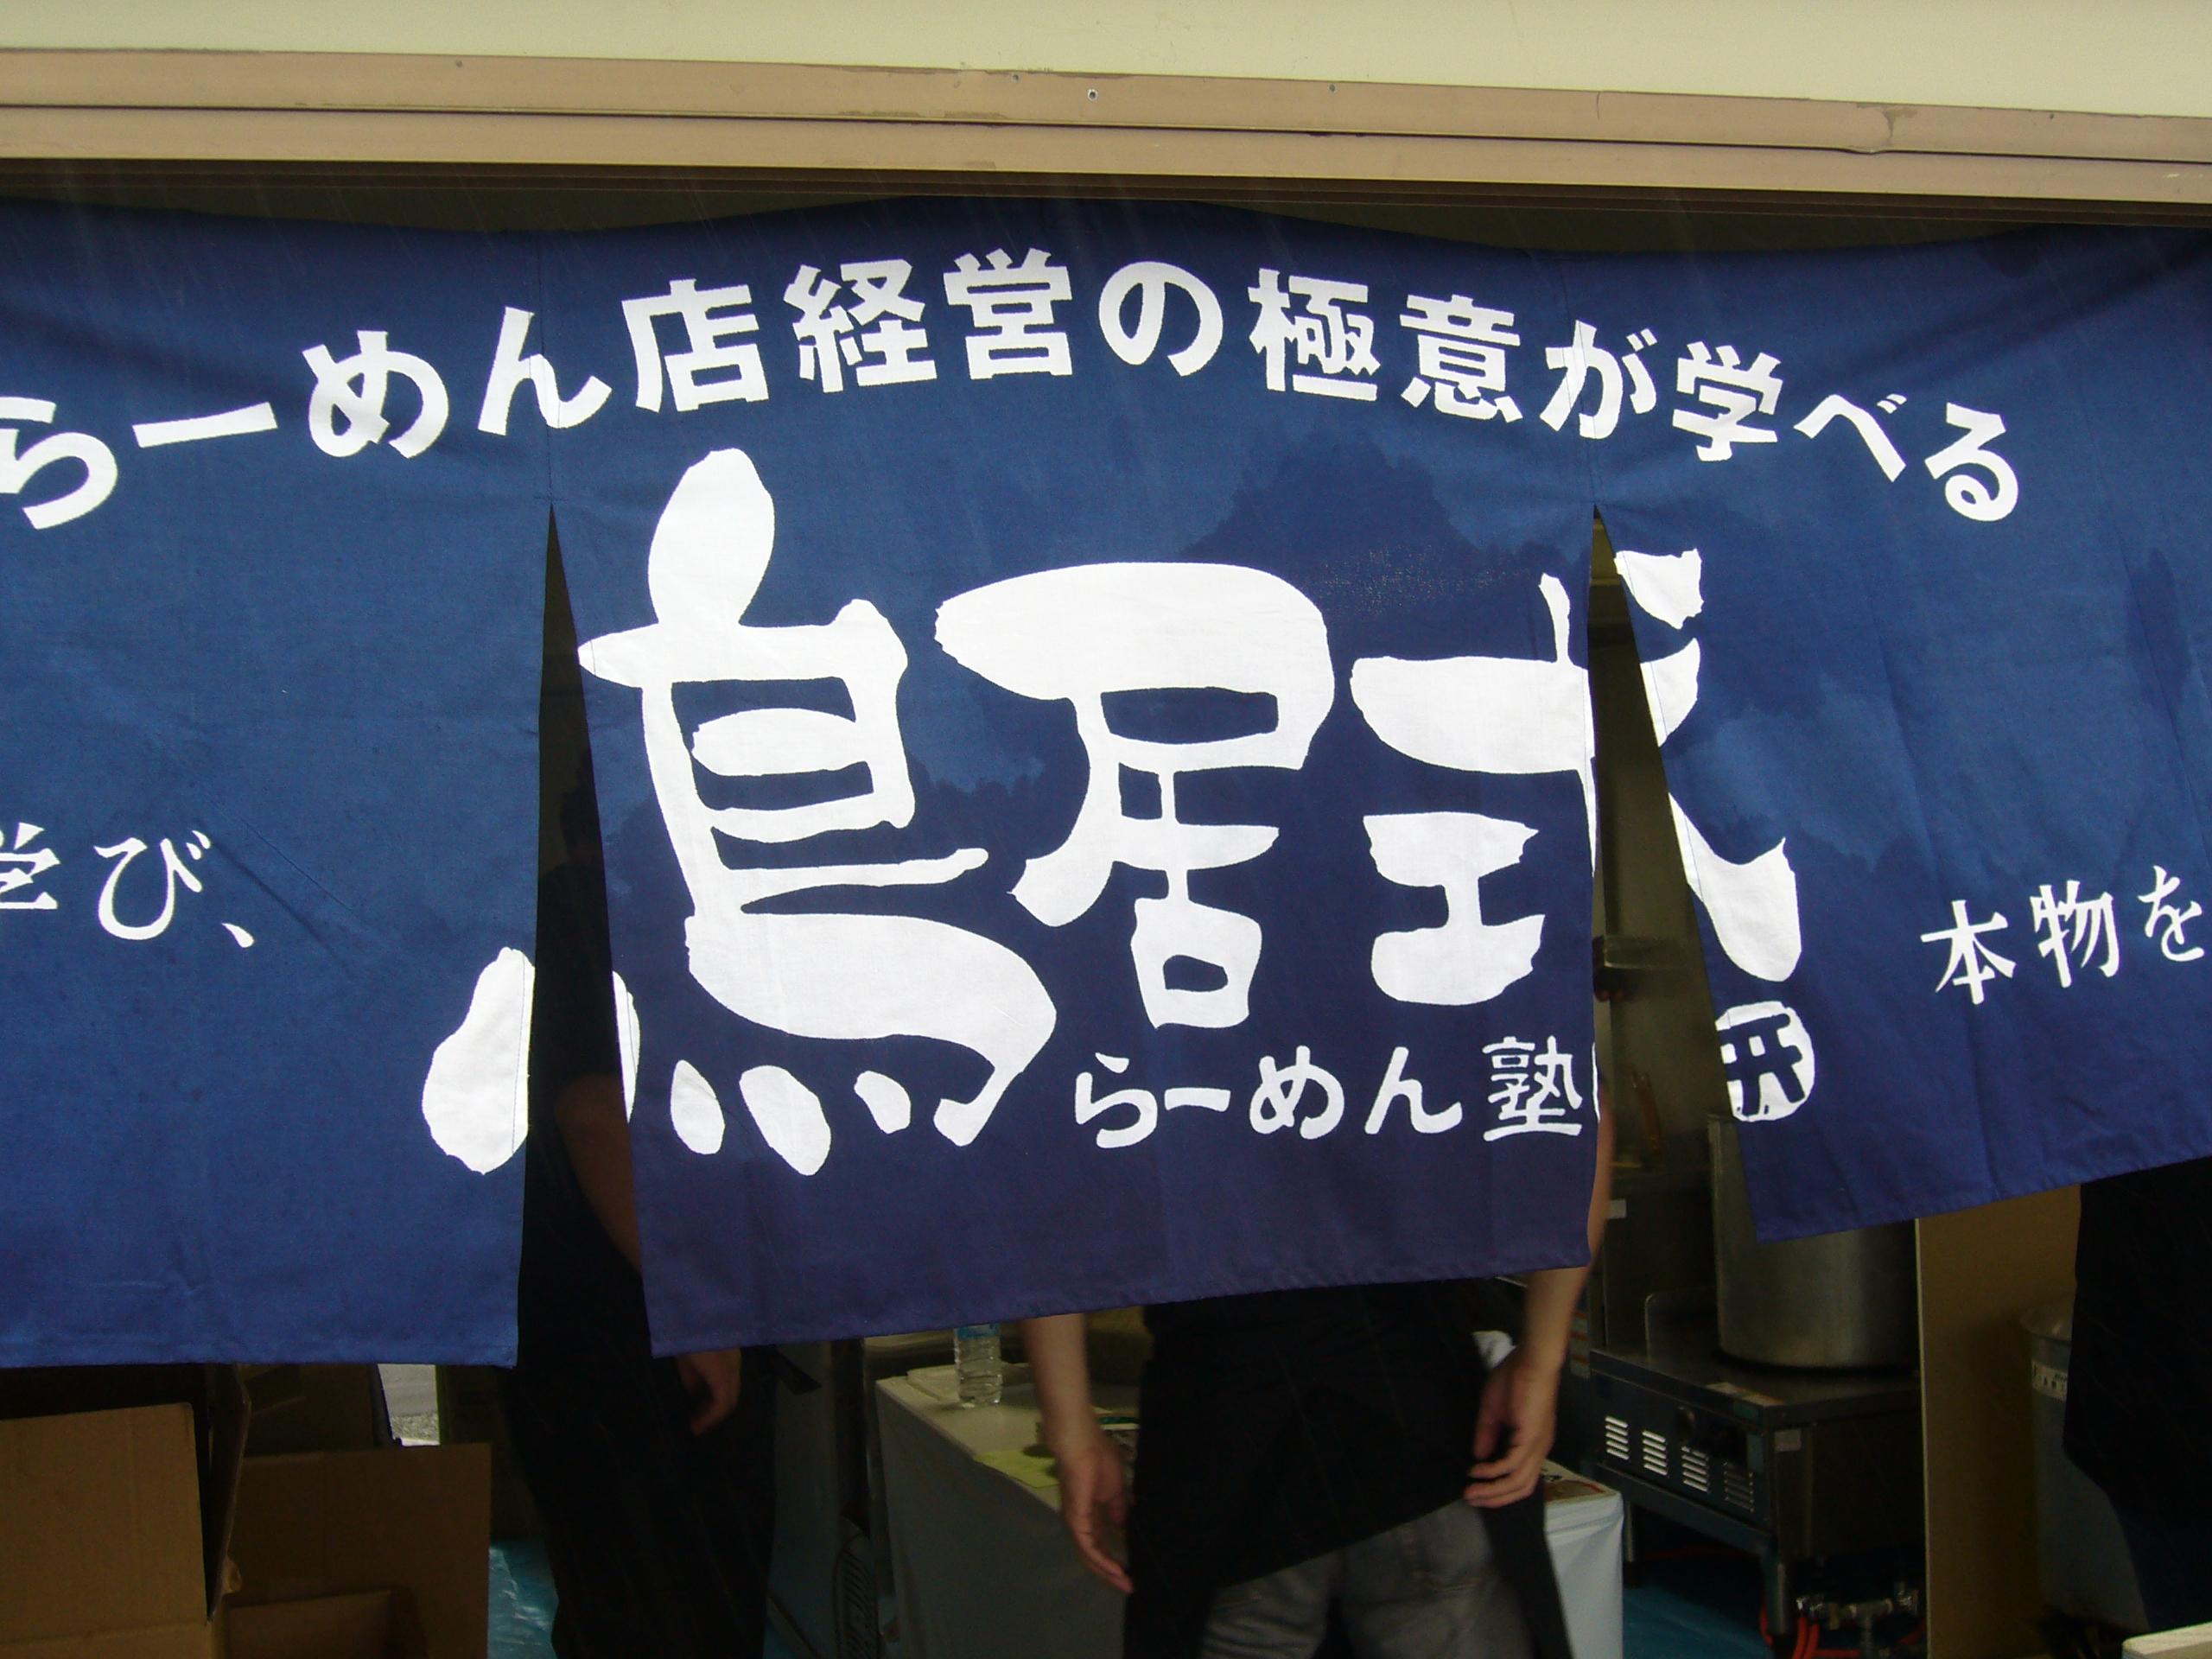 ラーメン工房ふくや@22期生「ふくしまラーメンショー2018」出店!